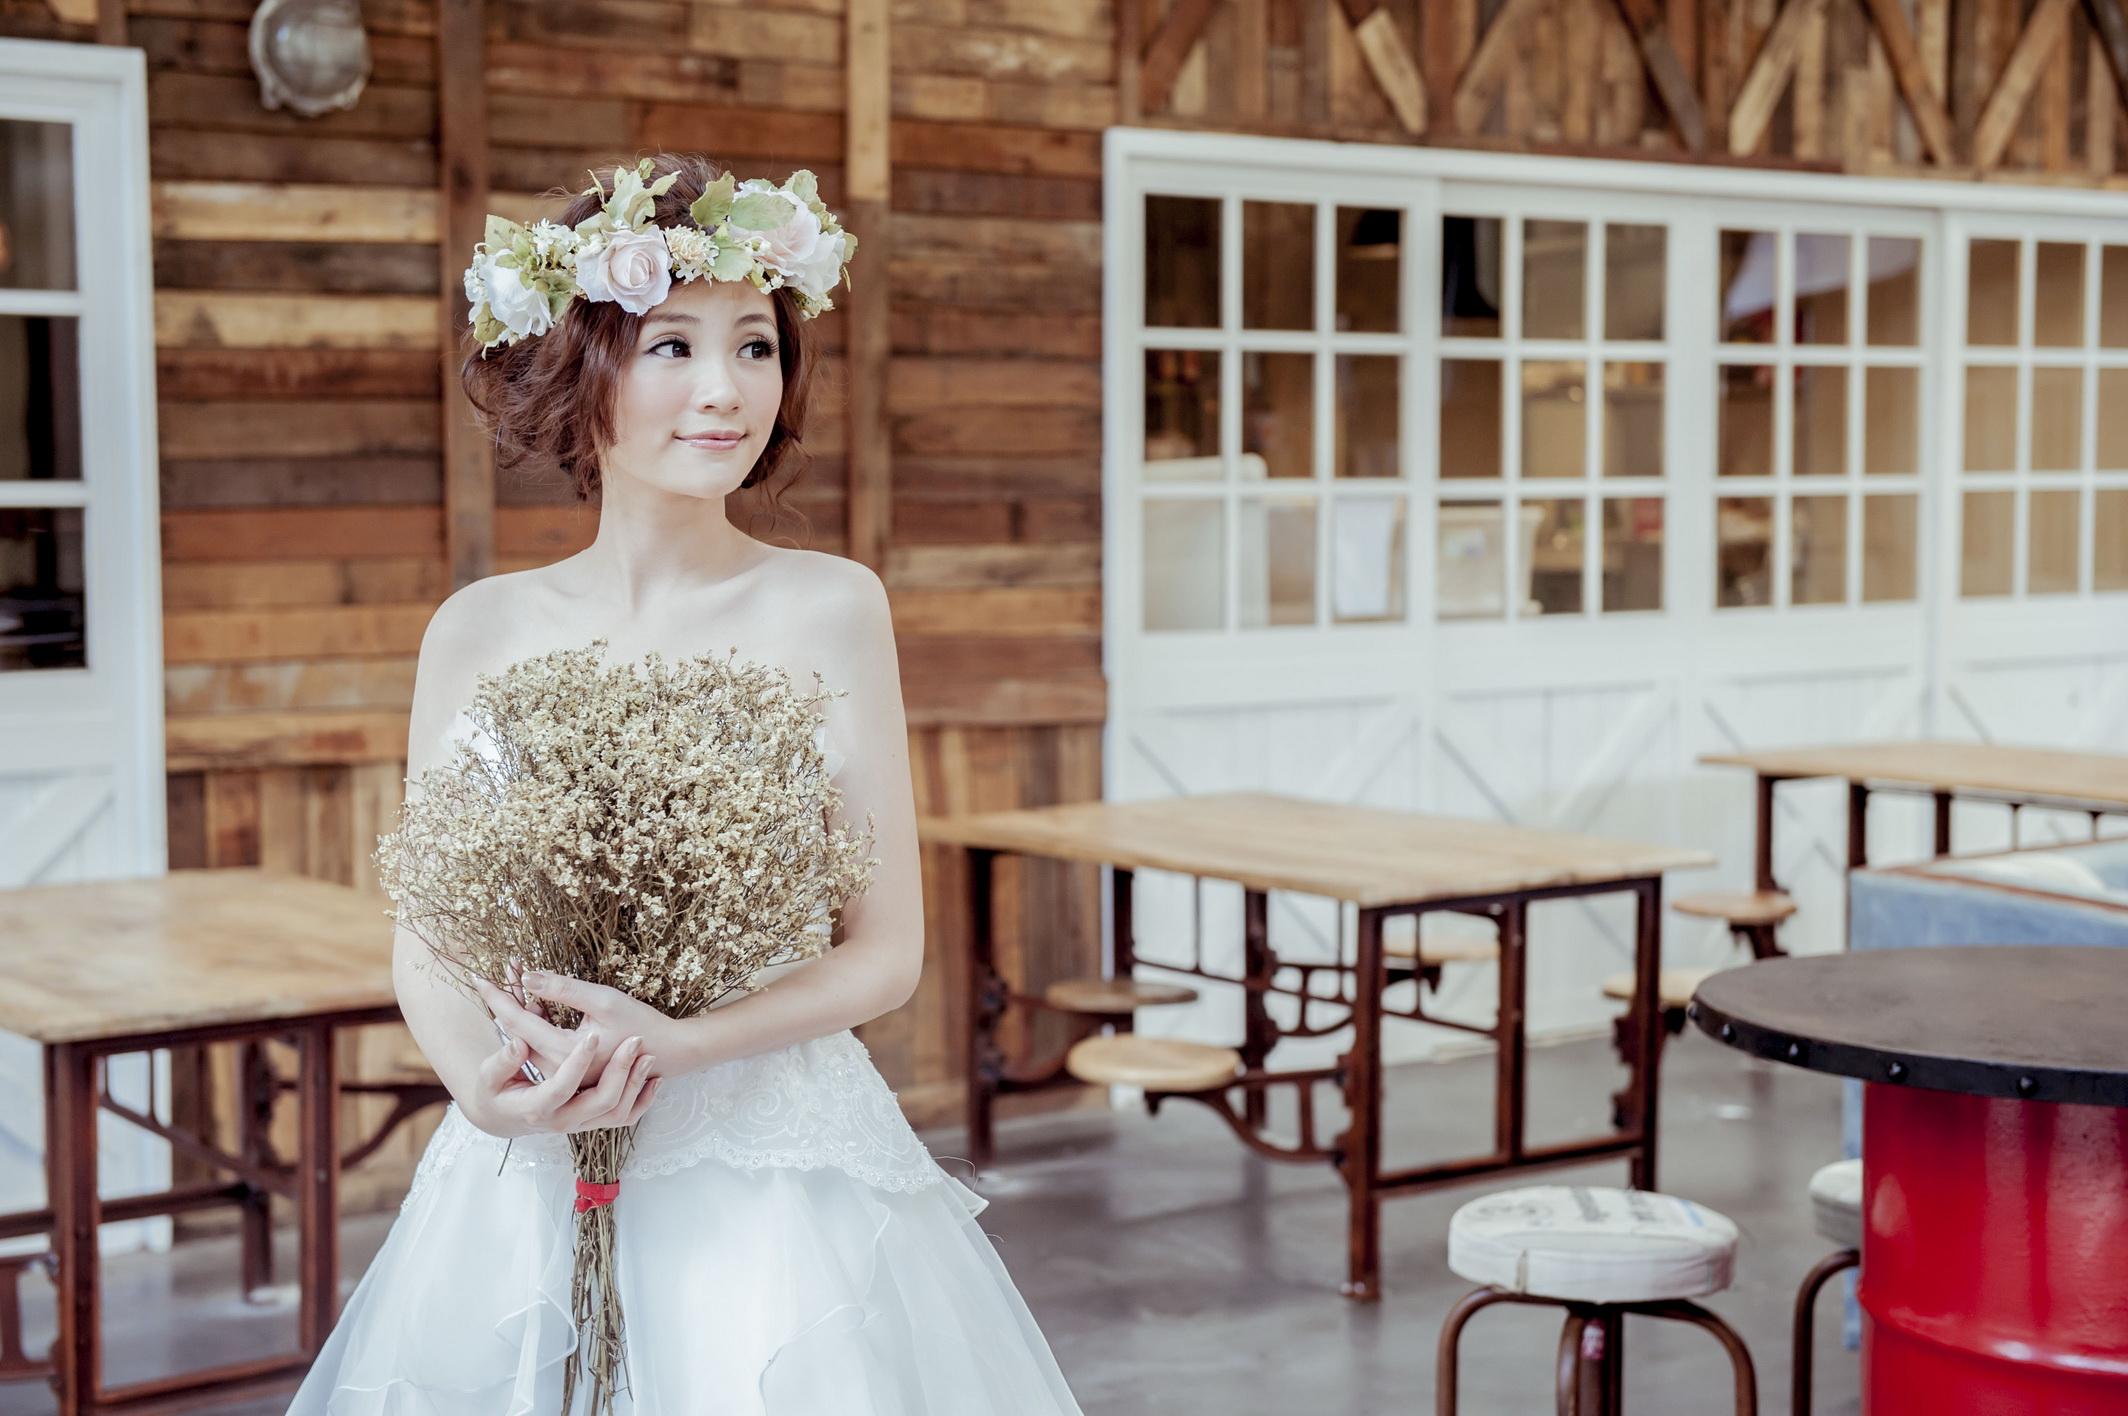 婚禮攝影師,新娘秘書,婚禮小物,新娘捧花,婚紗外拍租車,手工婚紗